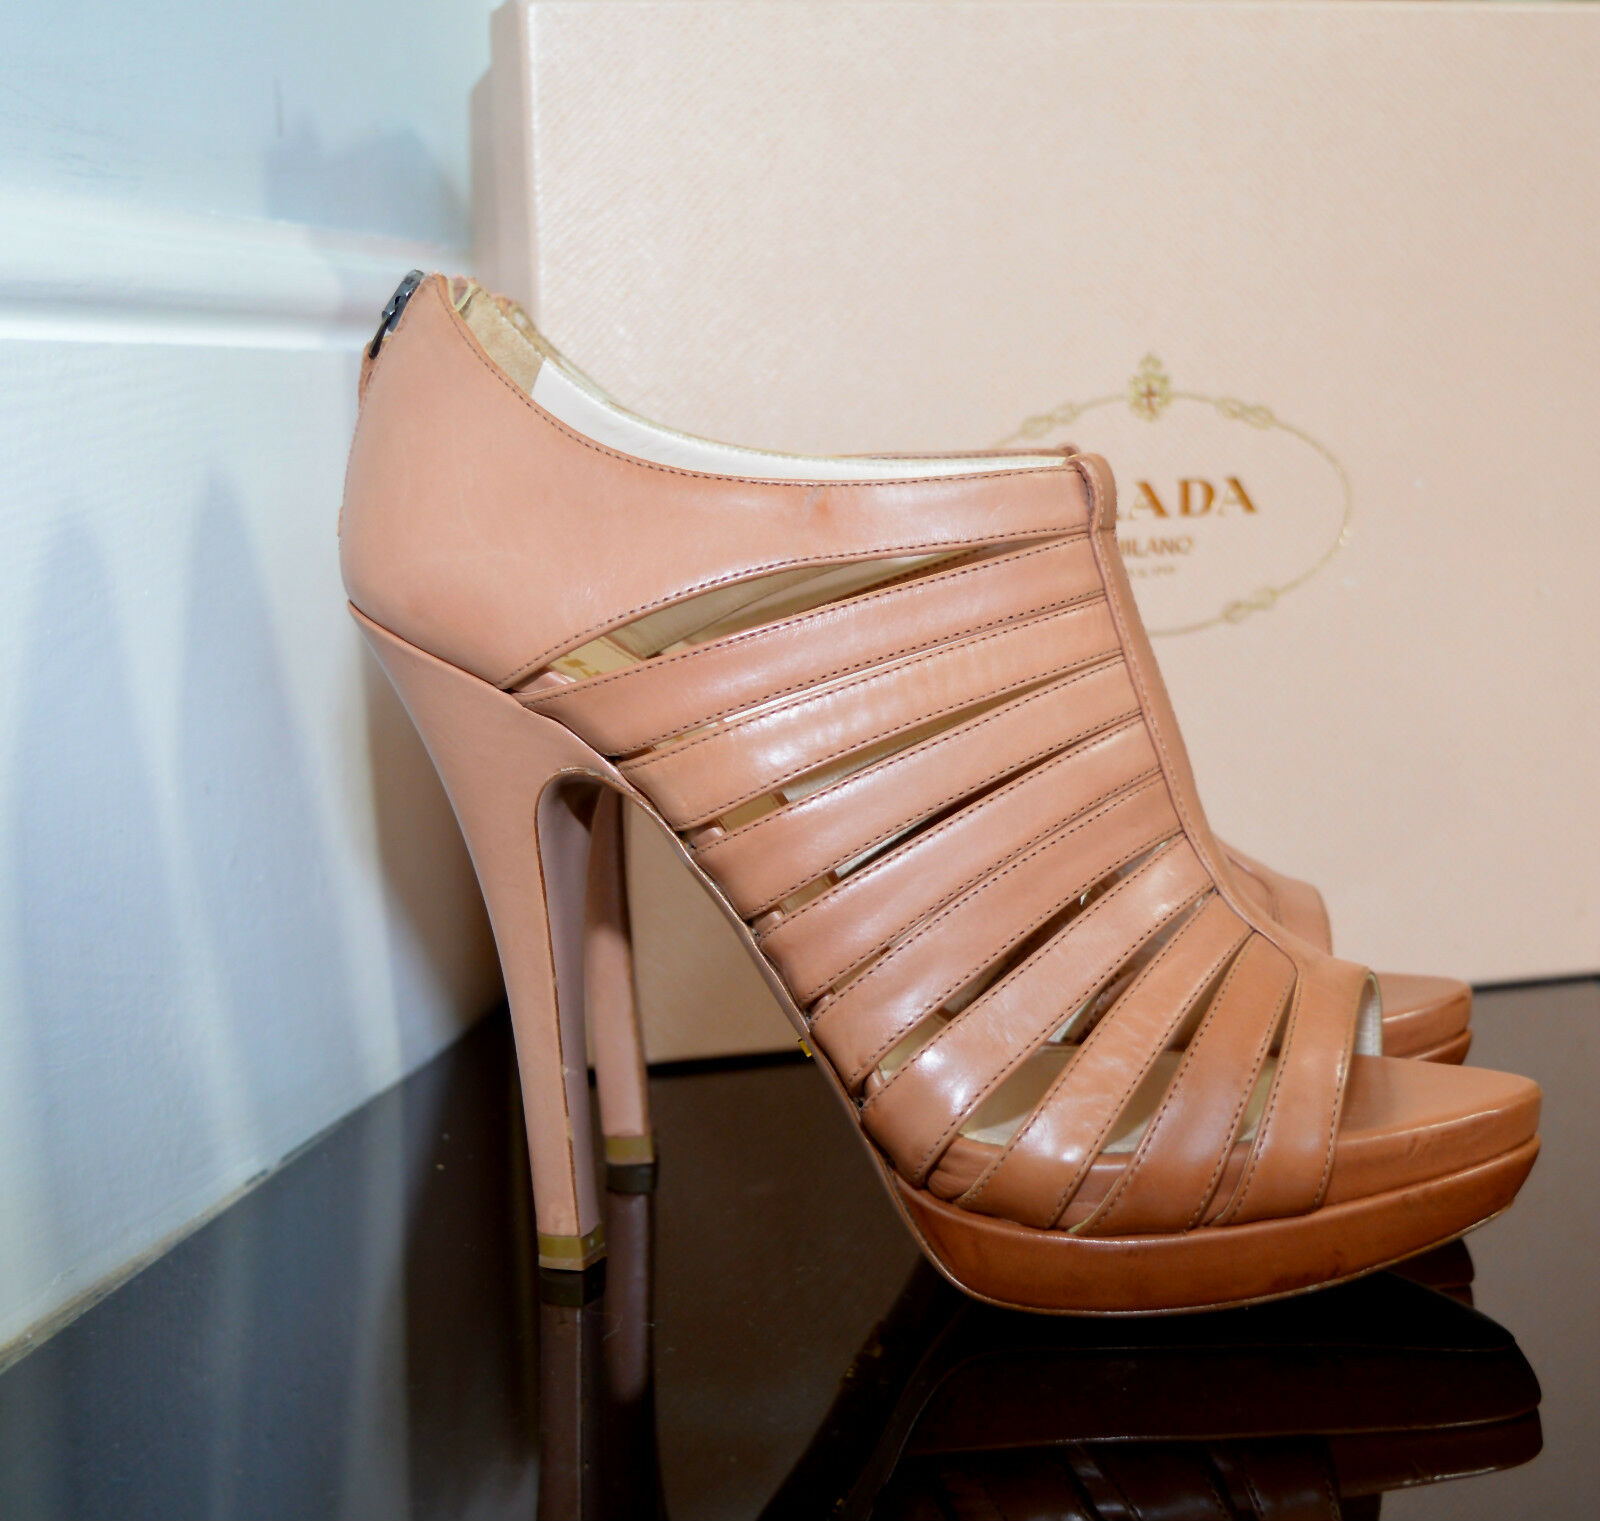 NUOVO Prada Strappy Cage High -Heel  Stiletto Sandals in pelle Marroneee rosso UK 5.5  fantastica qualità